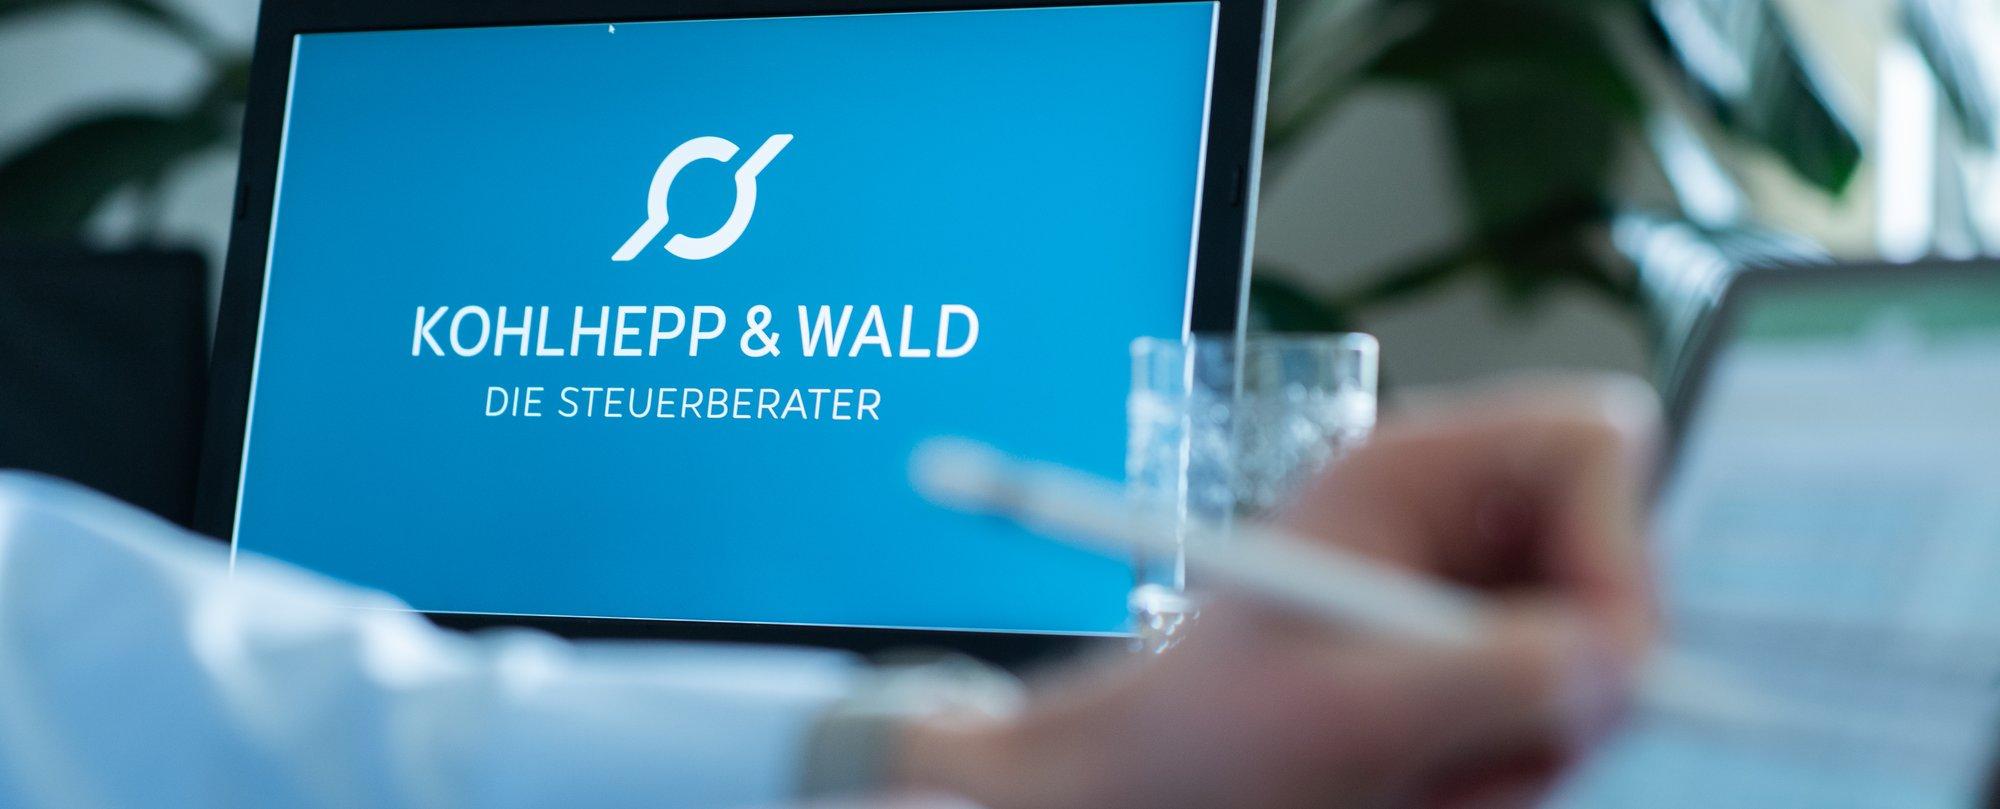 Kohlhepp und Wald Steuerberater Fulda